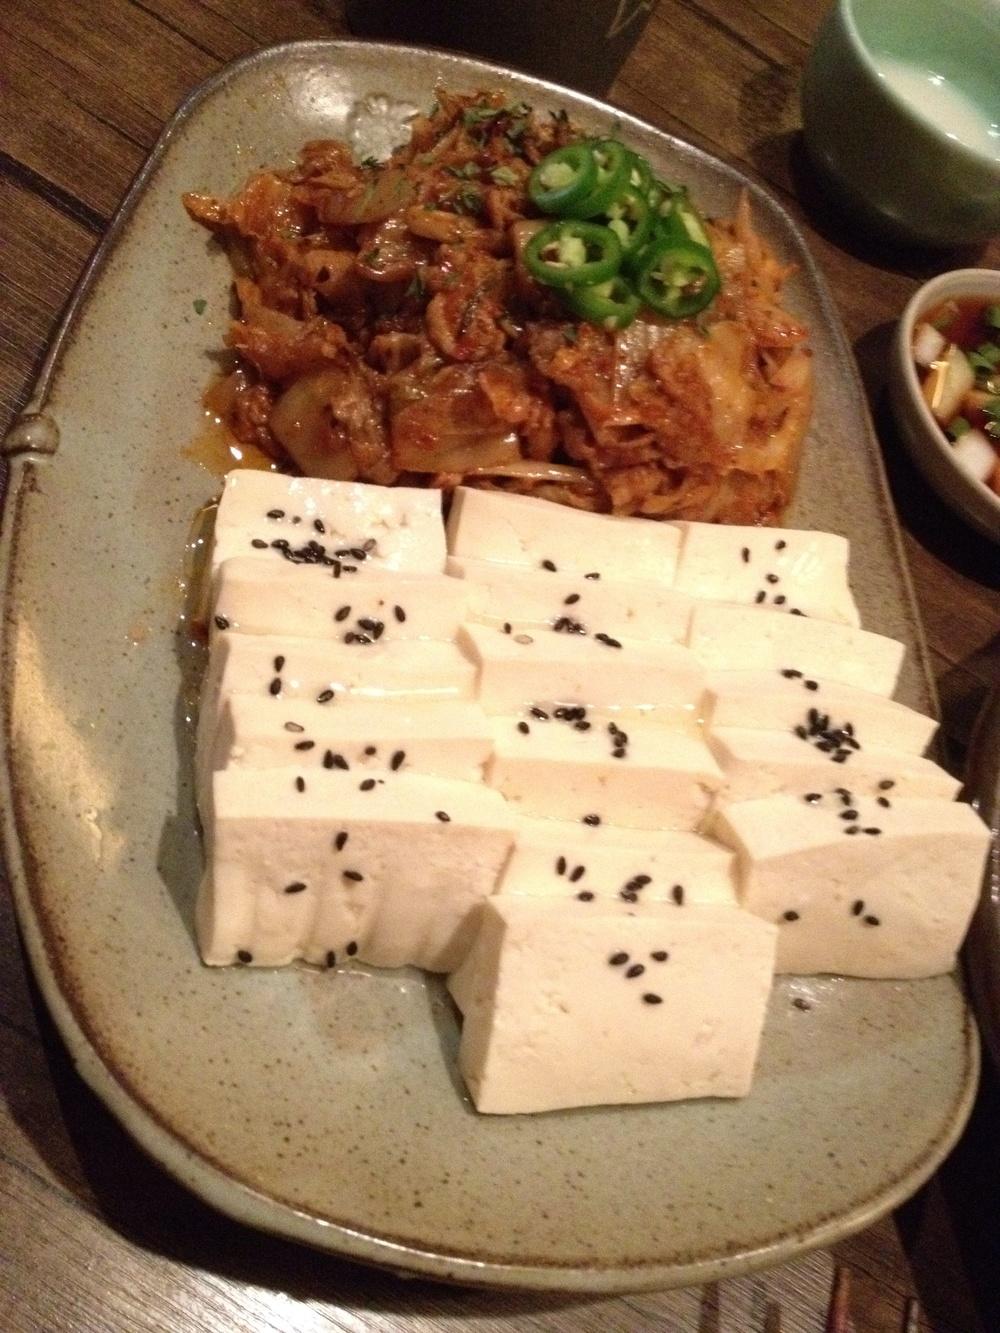 두부김치 = Stewed Kimchi w. pork, paired with medium soft tofu. One of my favourite dishes!